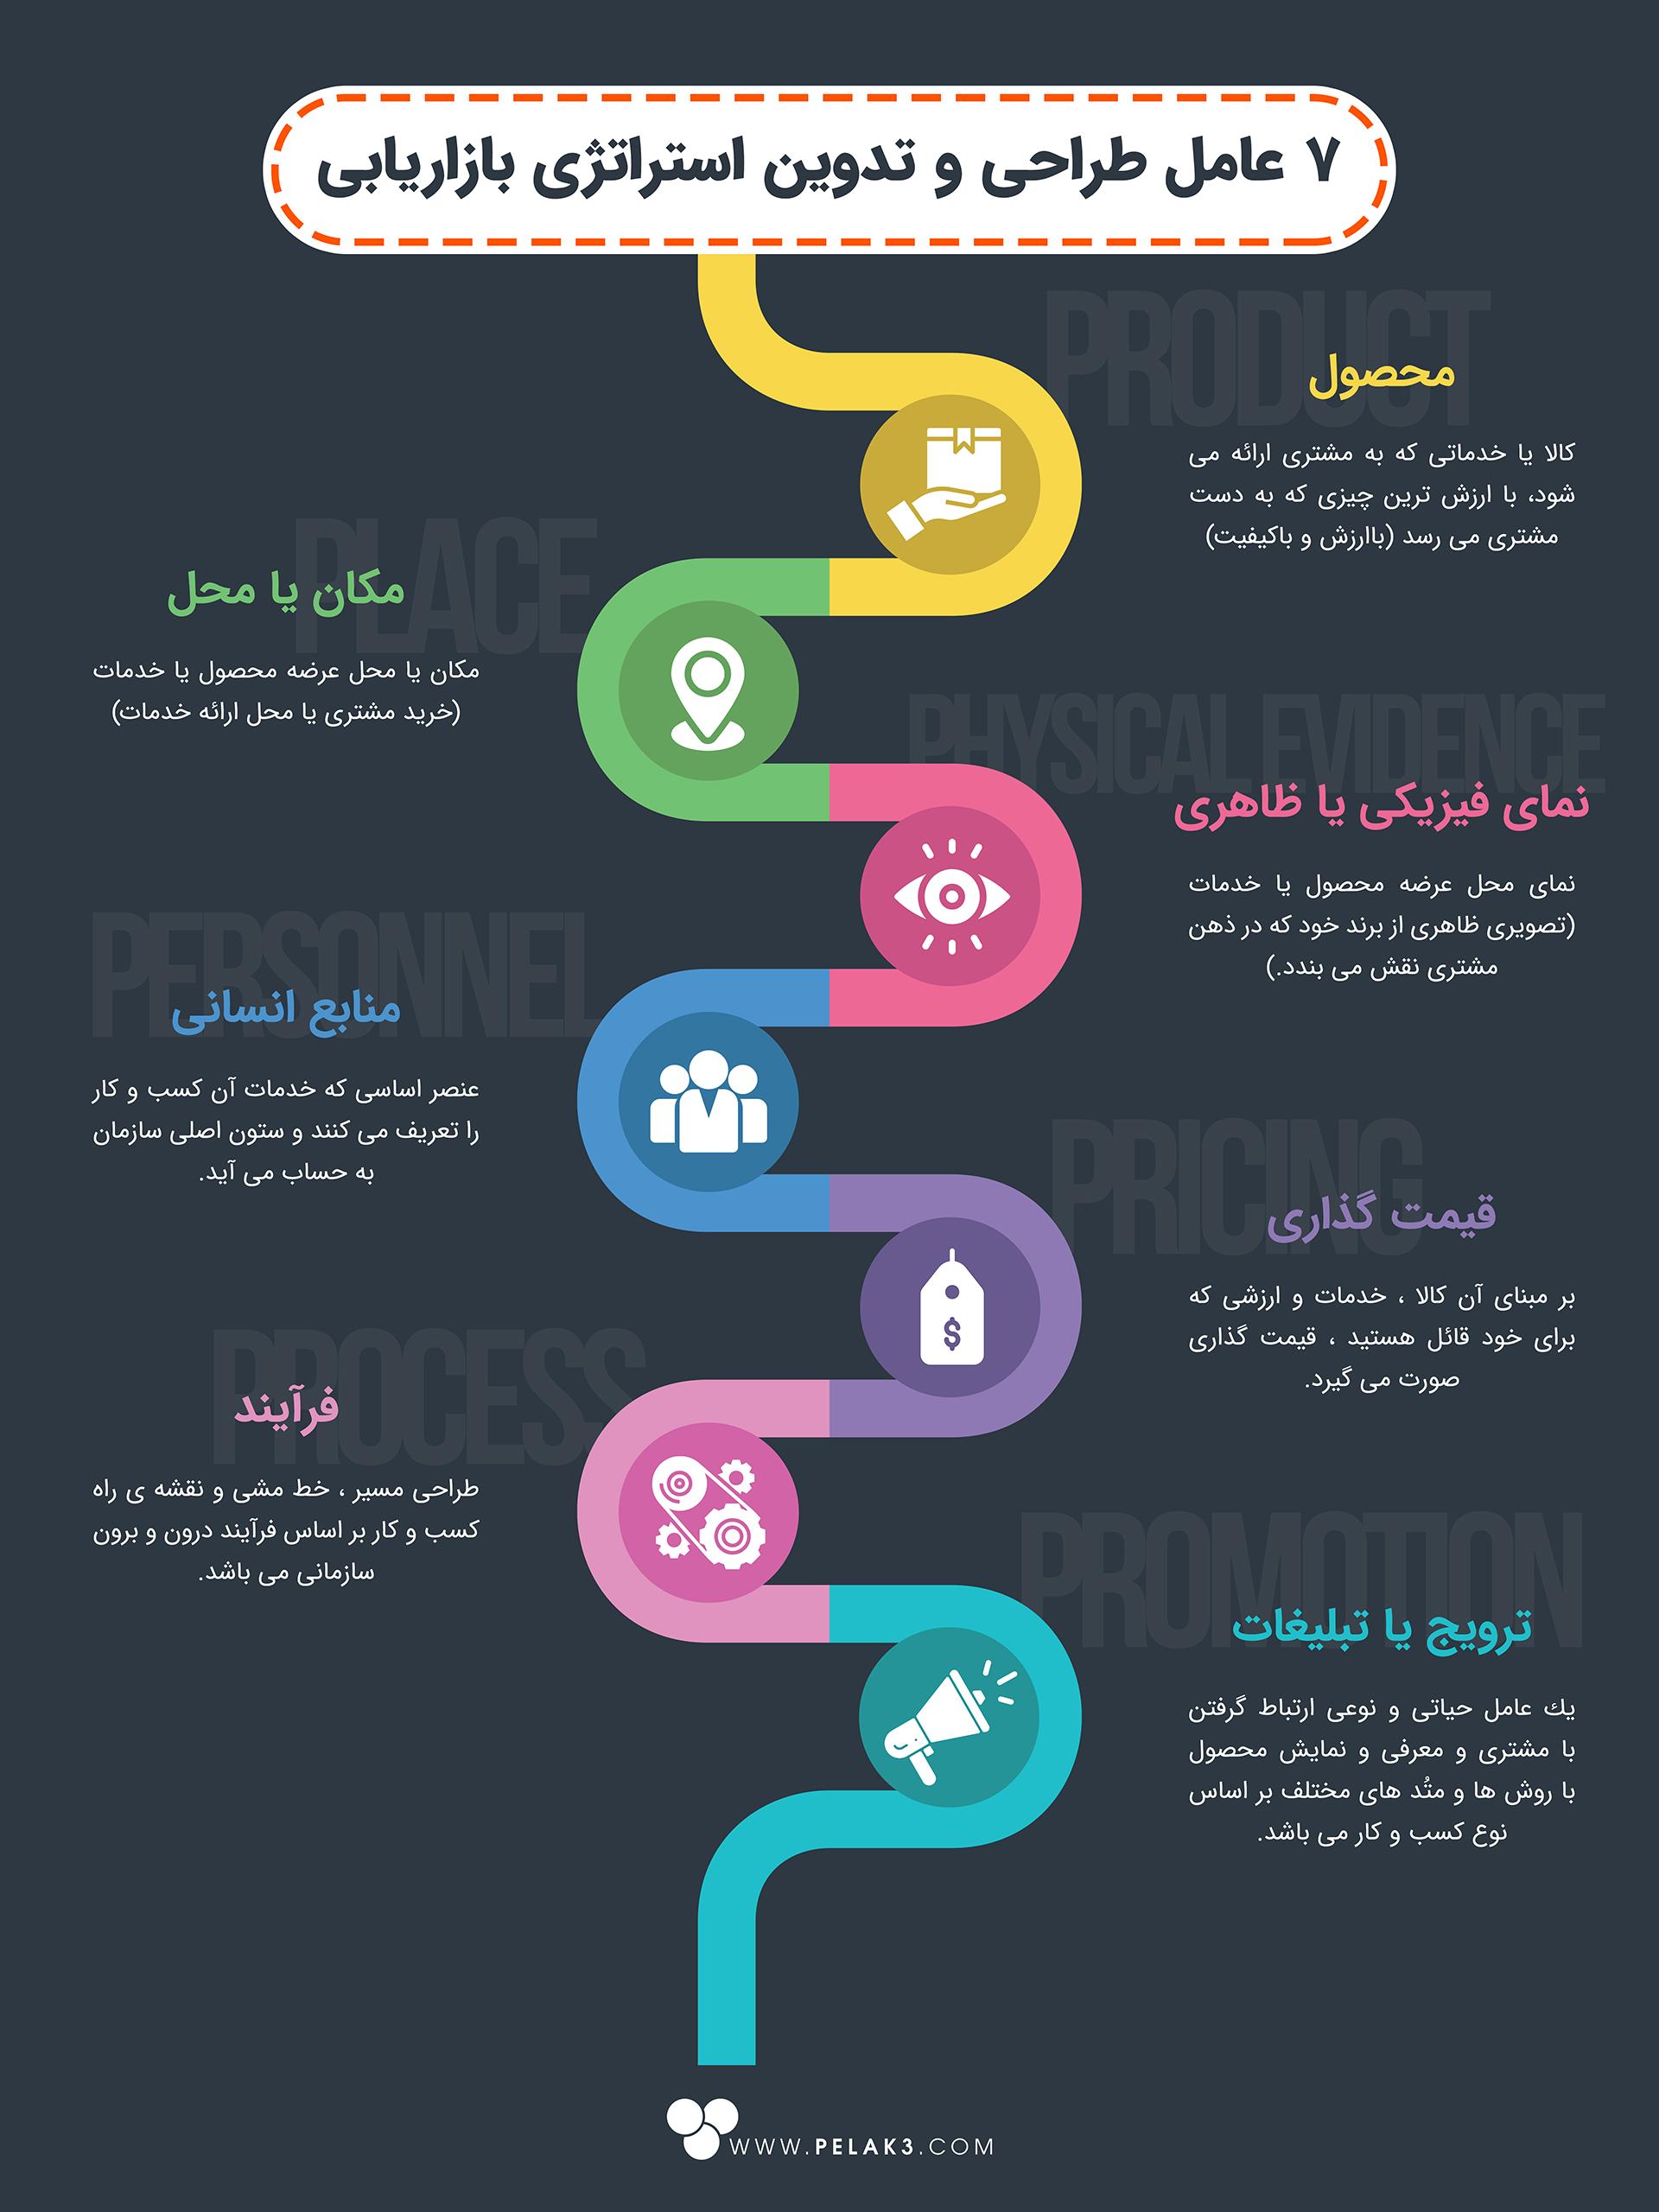 7 عامل طراحی و تدوین استراتژی بازاریابی